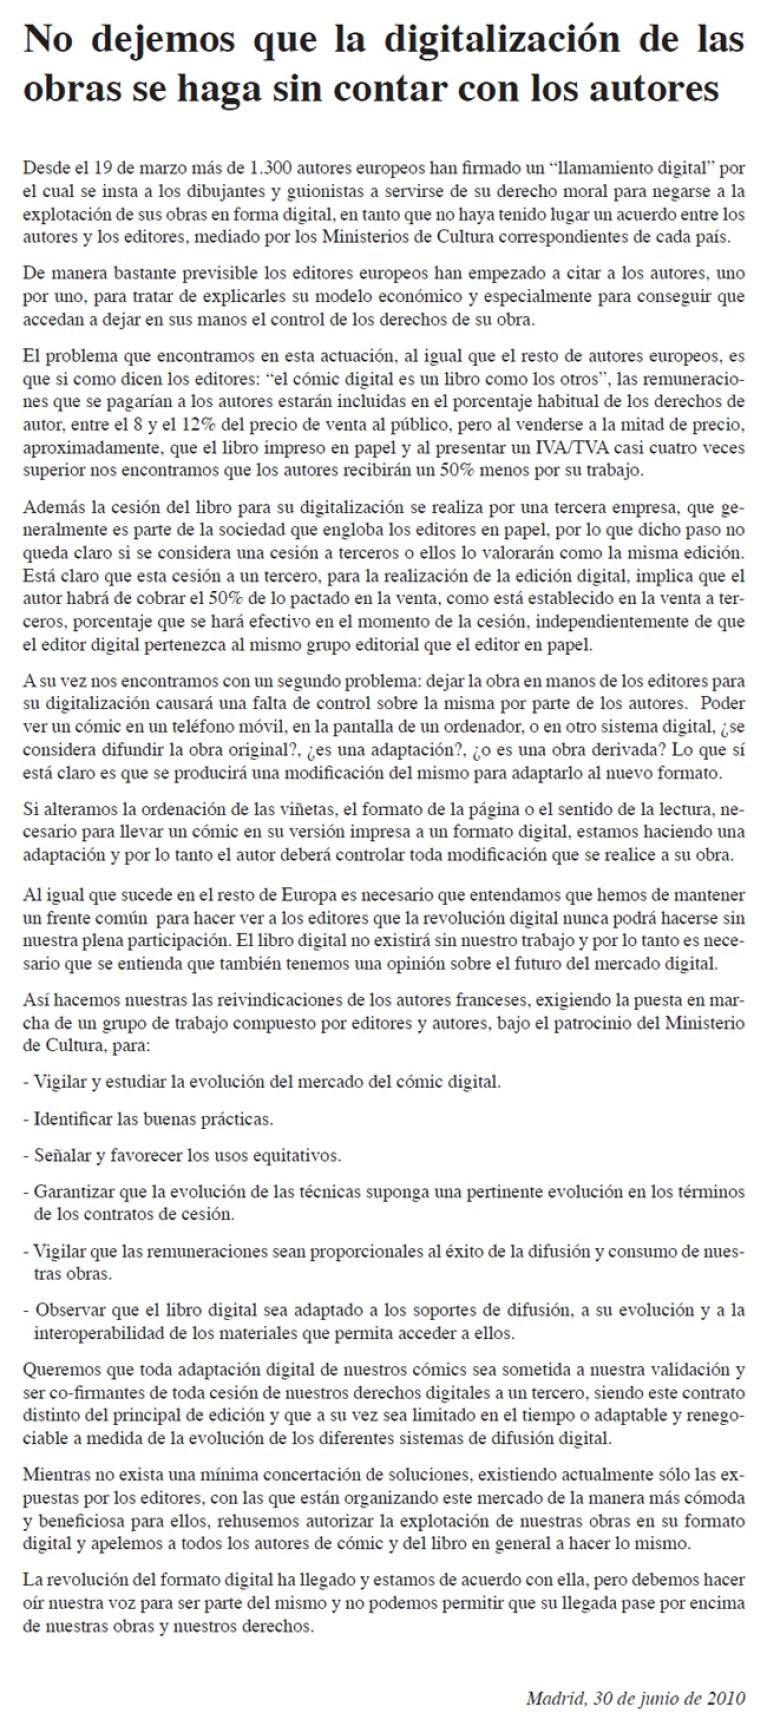 Derechos de autor. Academia c10. Cursos de comic e ilustracion digital, aerografia, y manga. Madrid. Carlos Diez.jpg